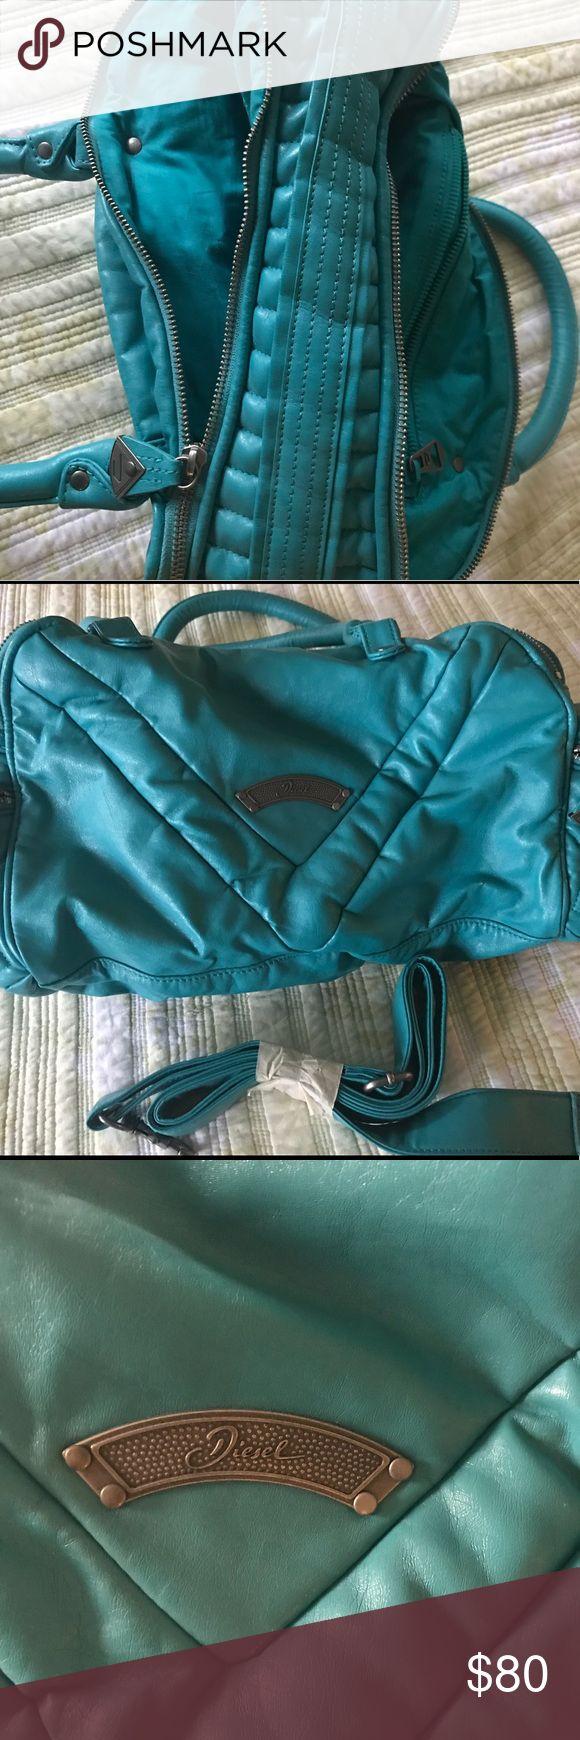 Hand bag Diesel Diesel Bags Shoulder Bags